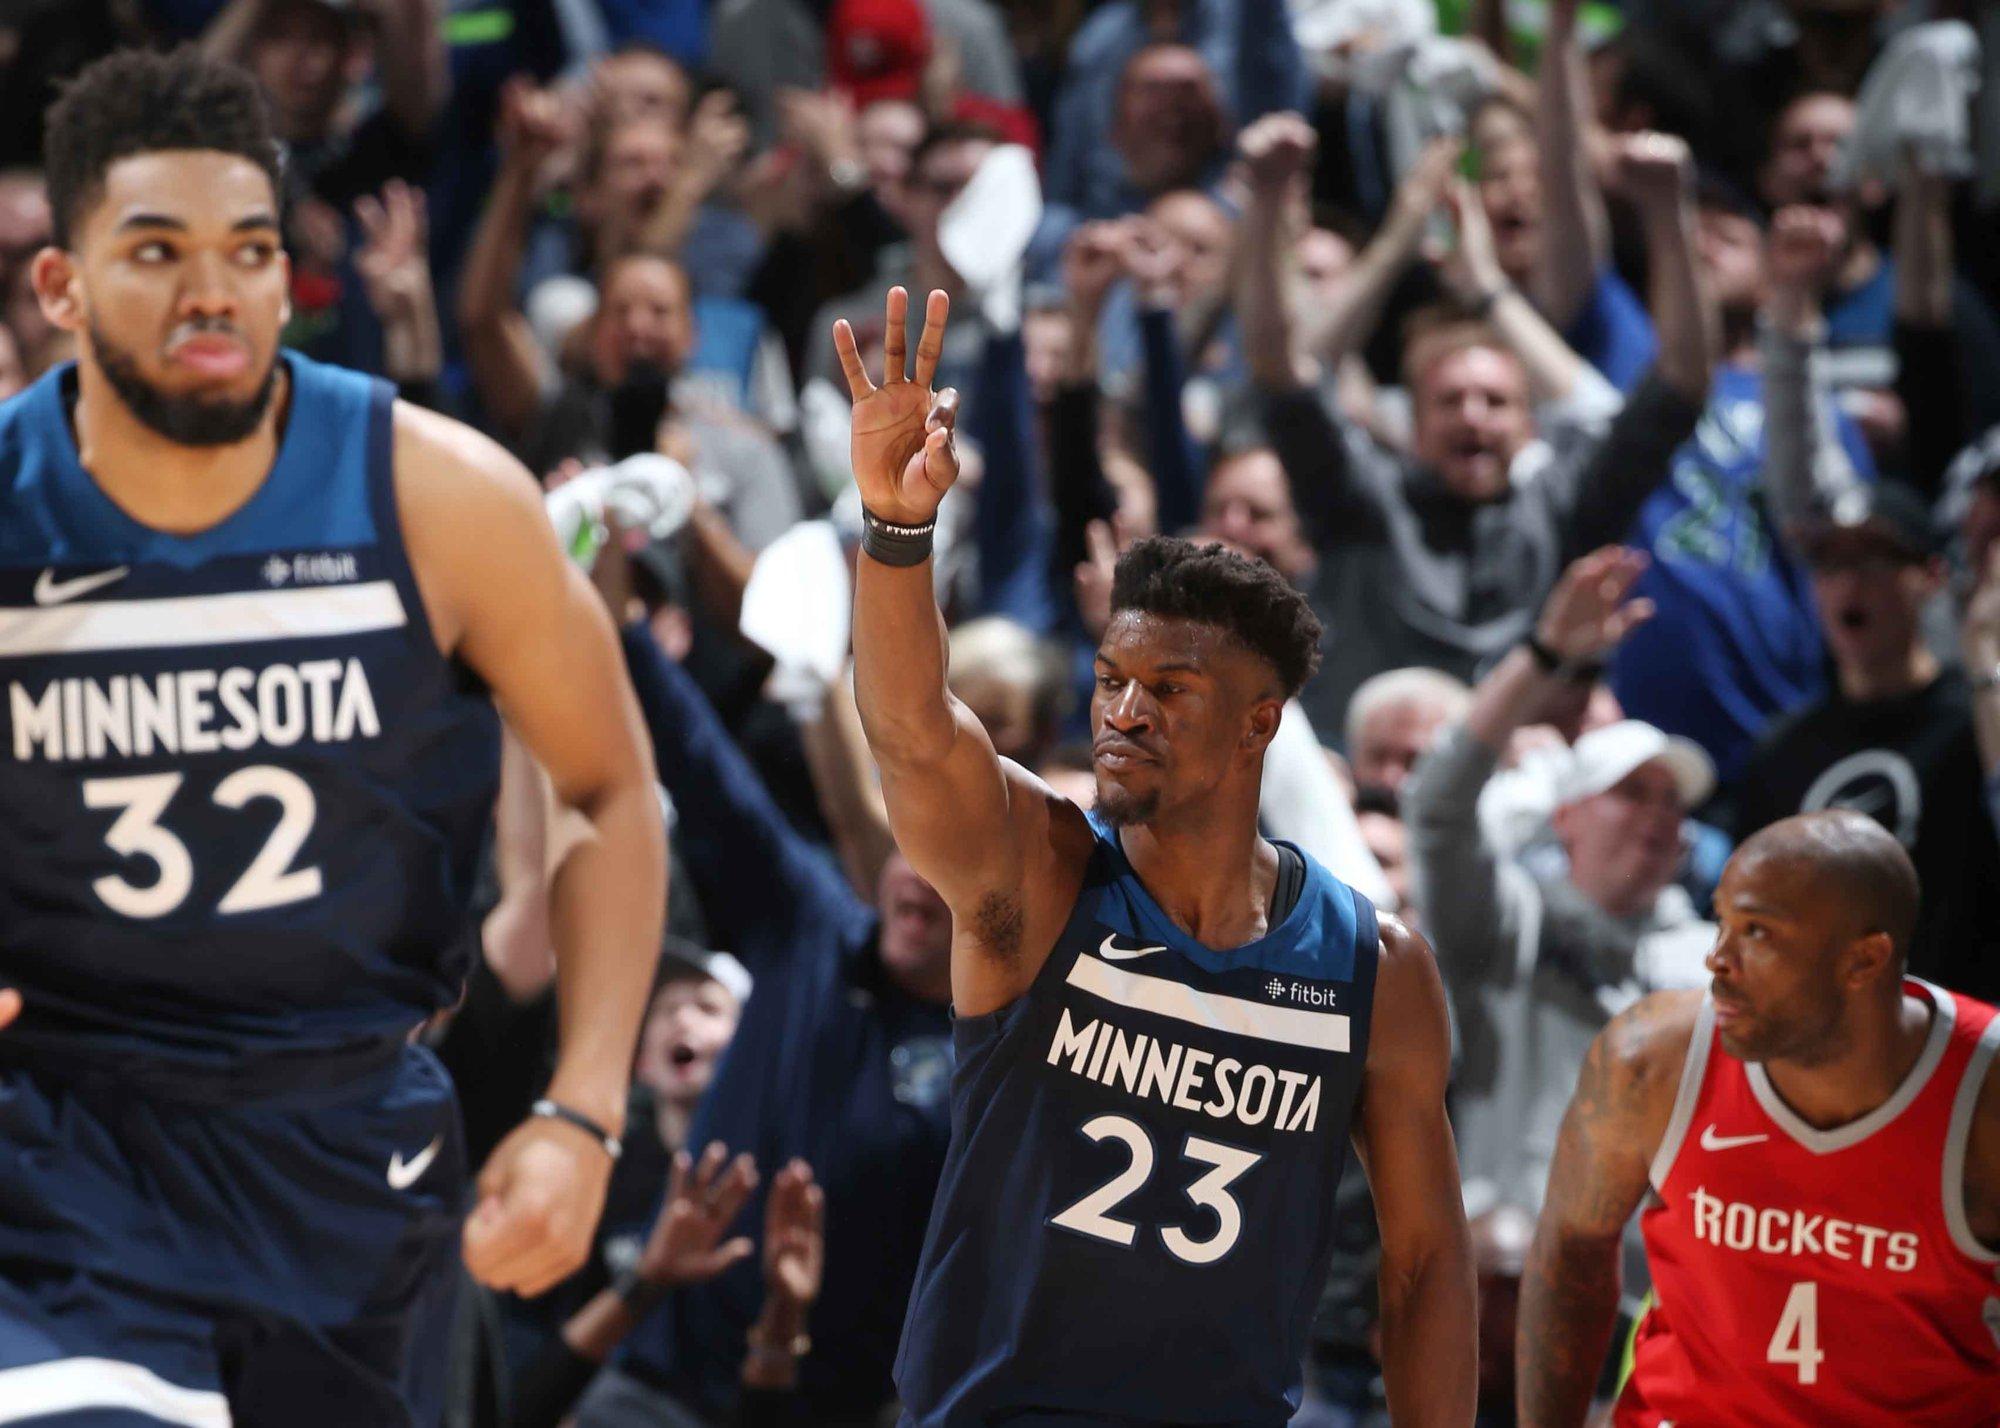 湖人下賽季恐處於兩個極端 !ESPN預測:湖人將大翻身, 或者陷入混亂!-Haters-黑特籃球NBA新聞影片圖片分享社區